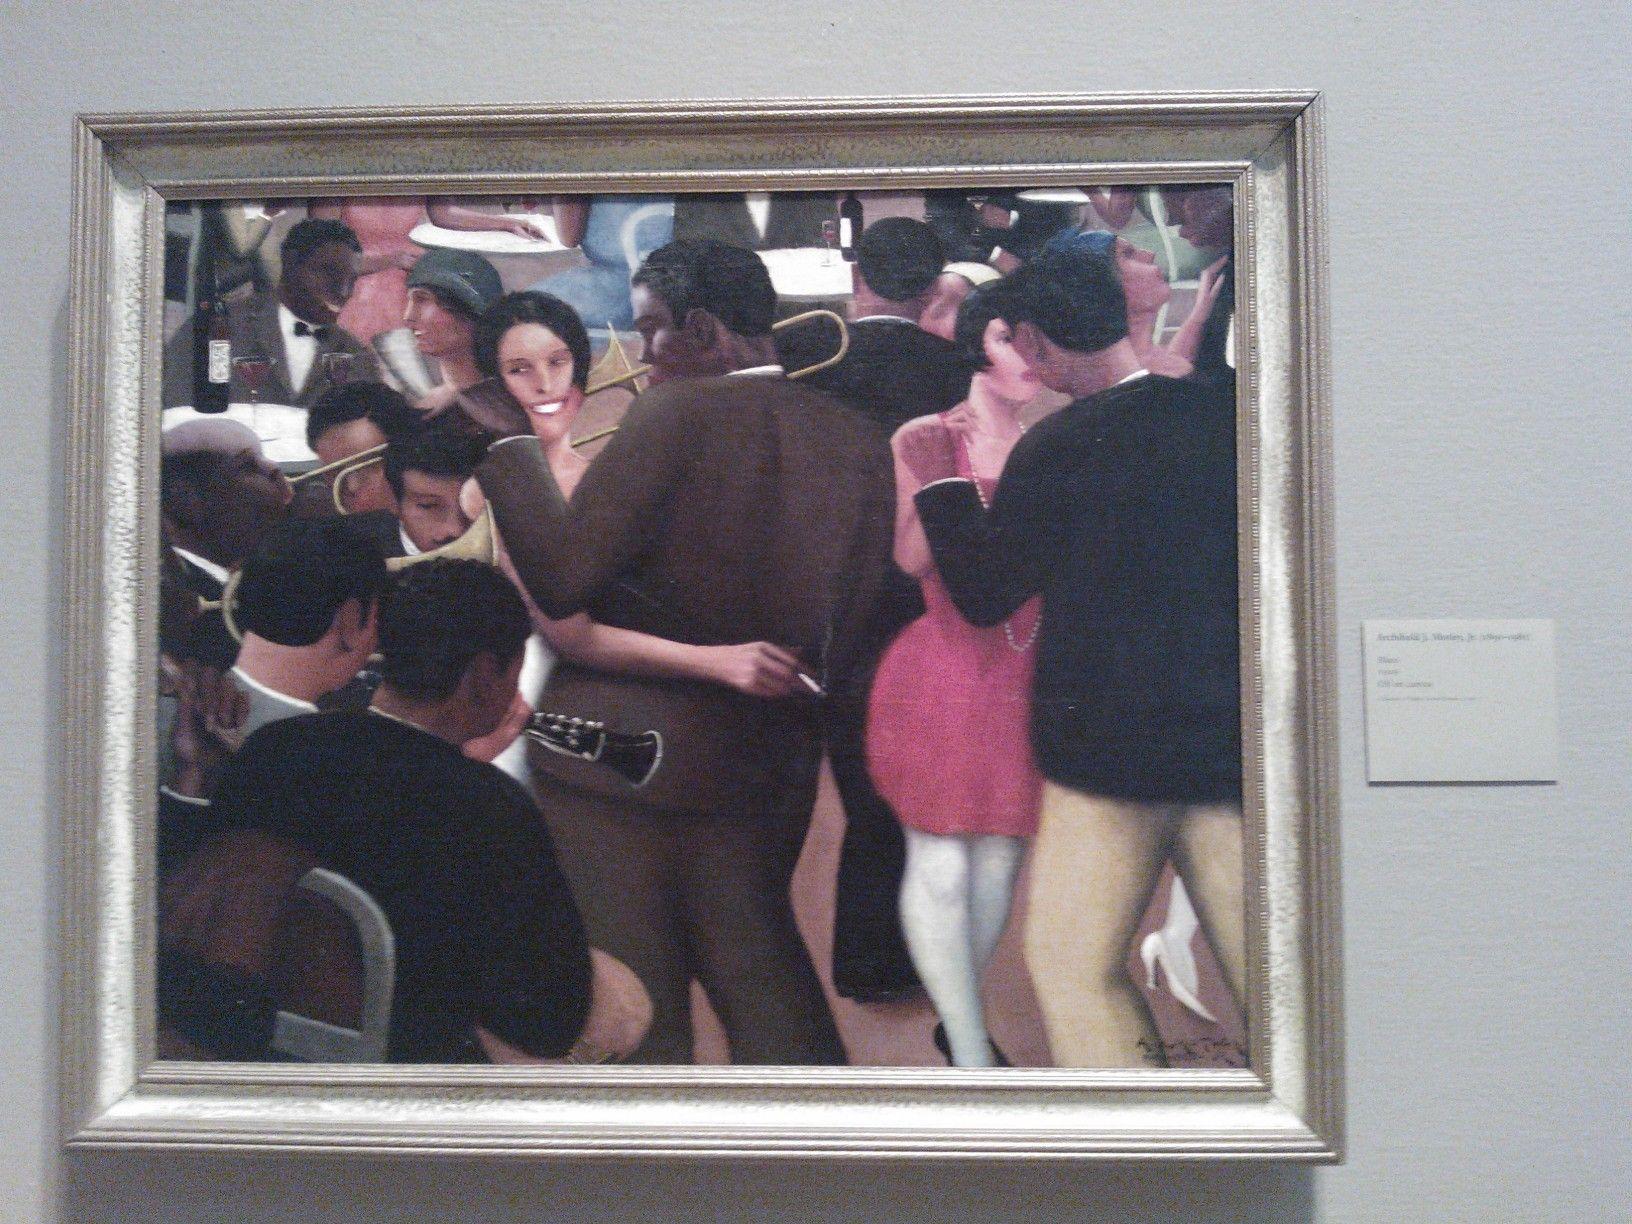 Iemand die weet wie dit schilderde? Gezien in Chicago, bijschrift onleesbaar gefotografeerd. gewoonweg geweldig mooi